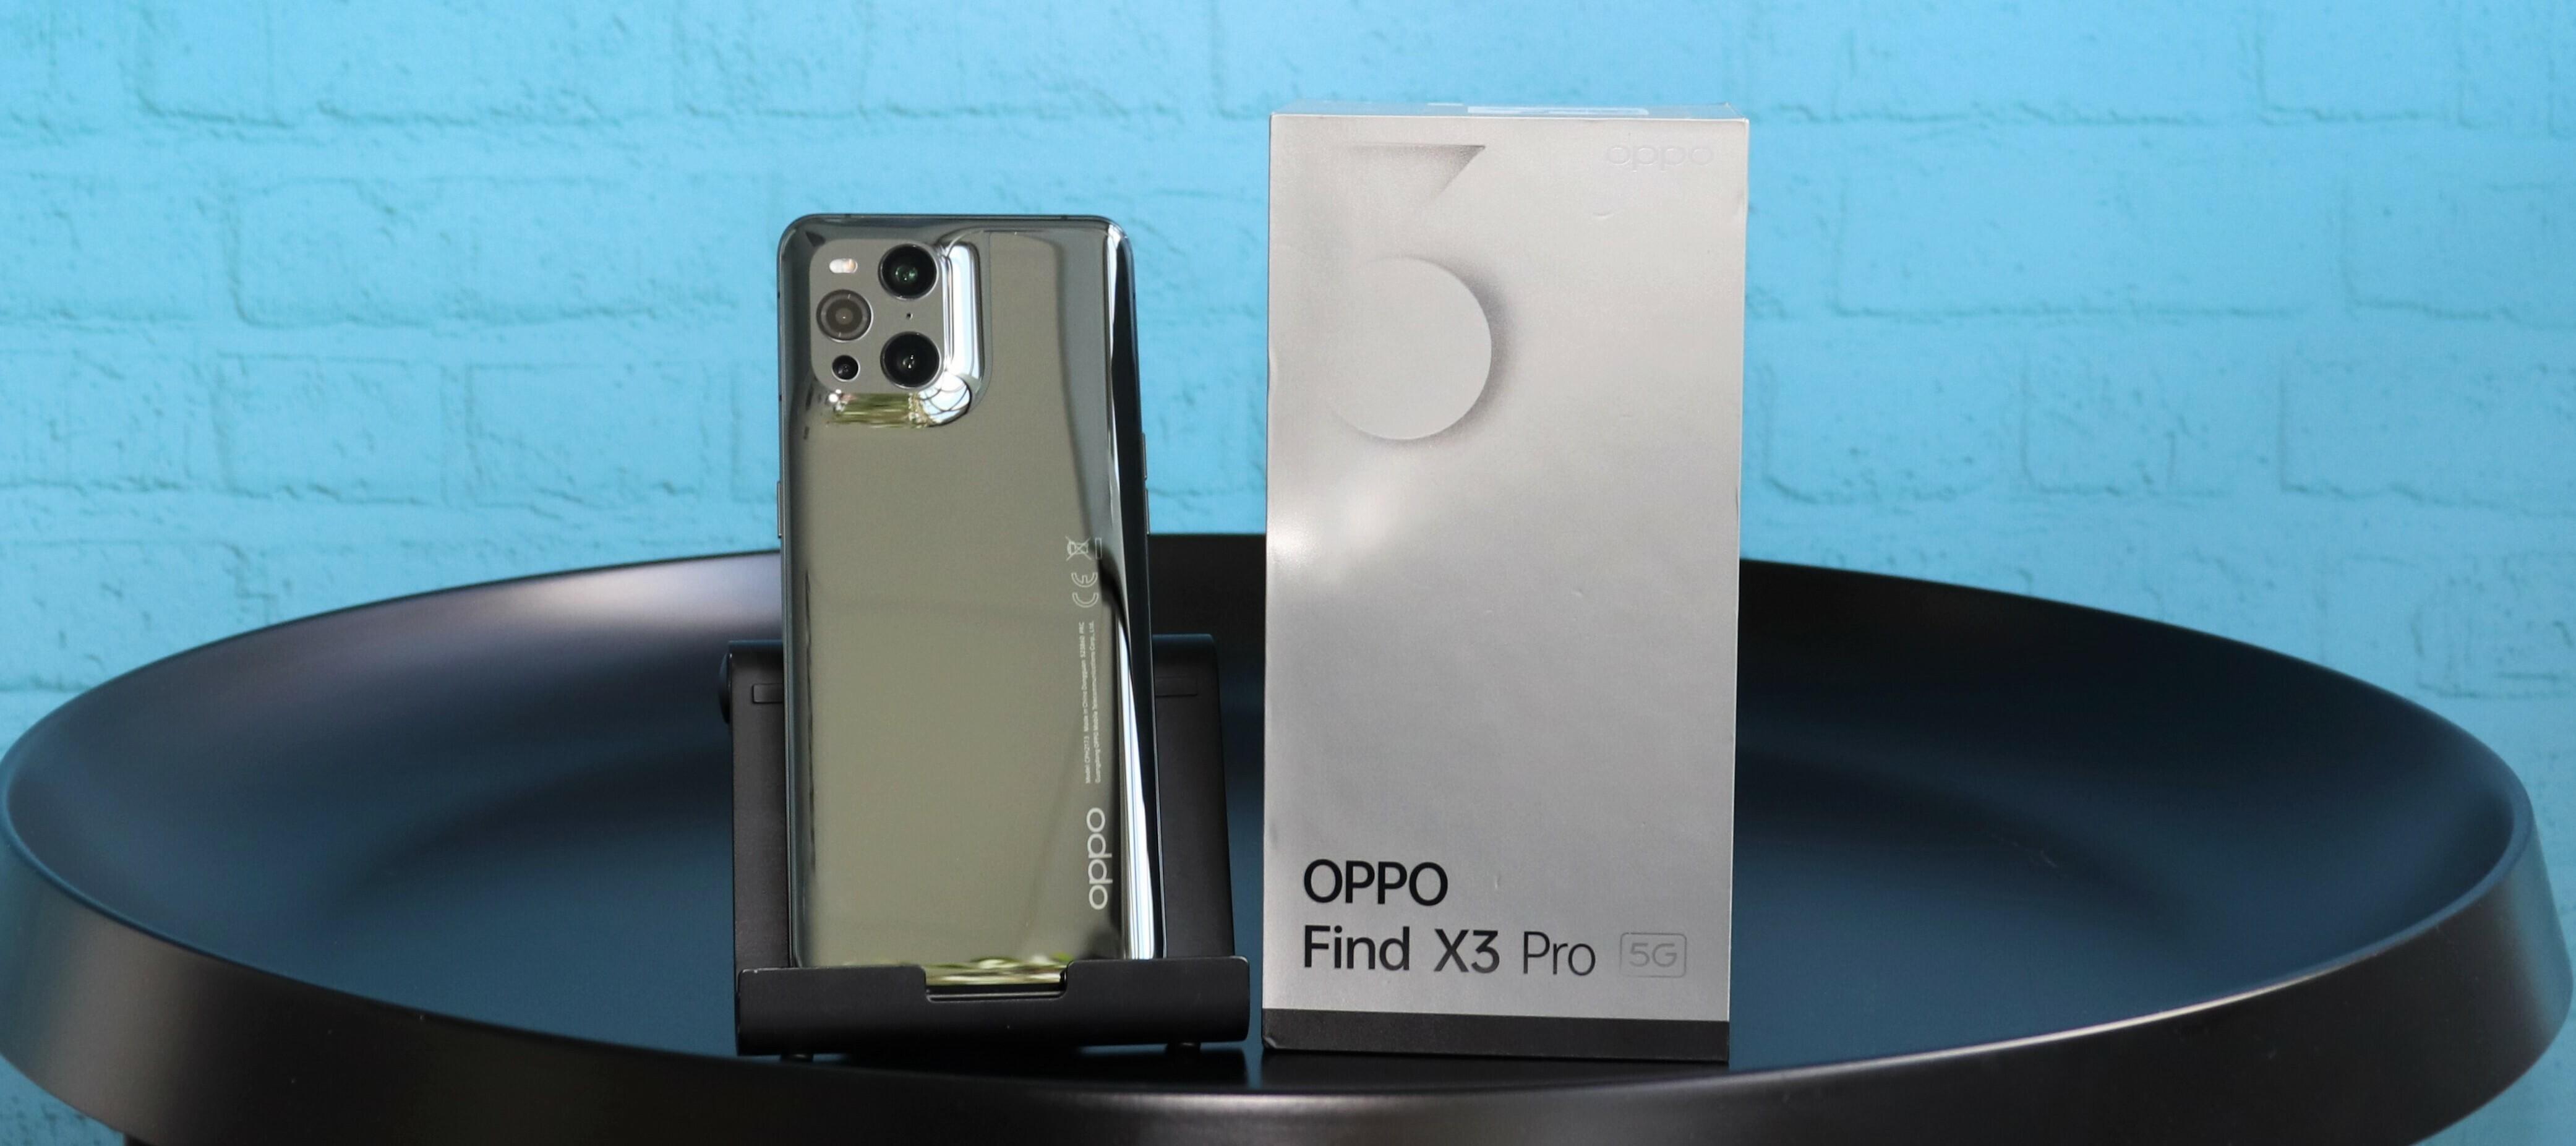 Oppo Find X3 Pro 5G Testgerät - tauche ein in neue Sphären und teste die Luxus-Klasse!